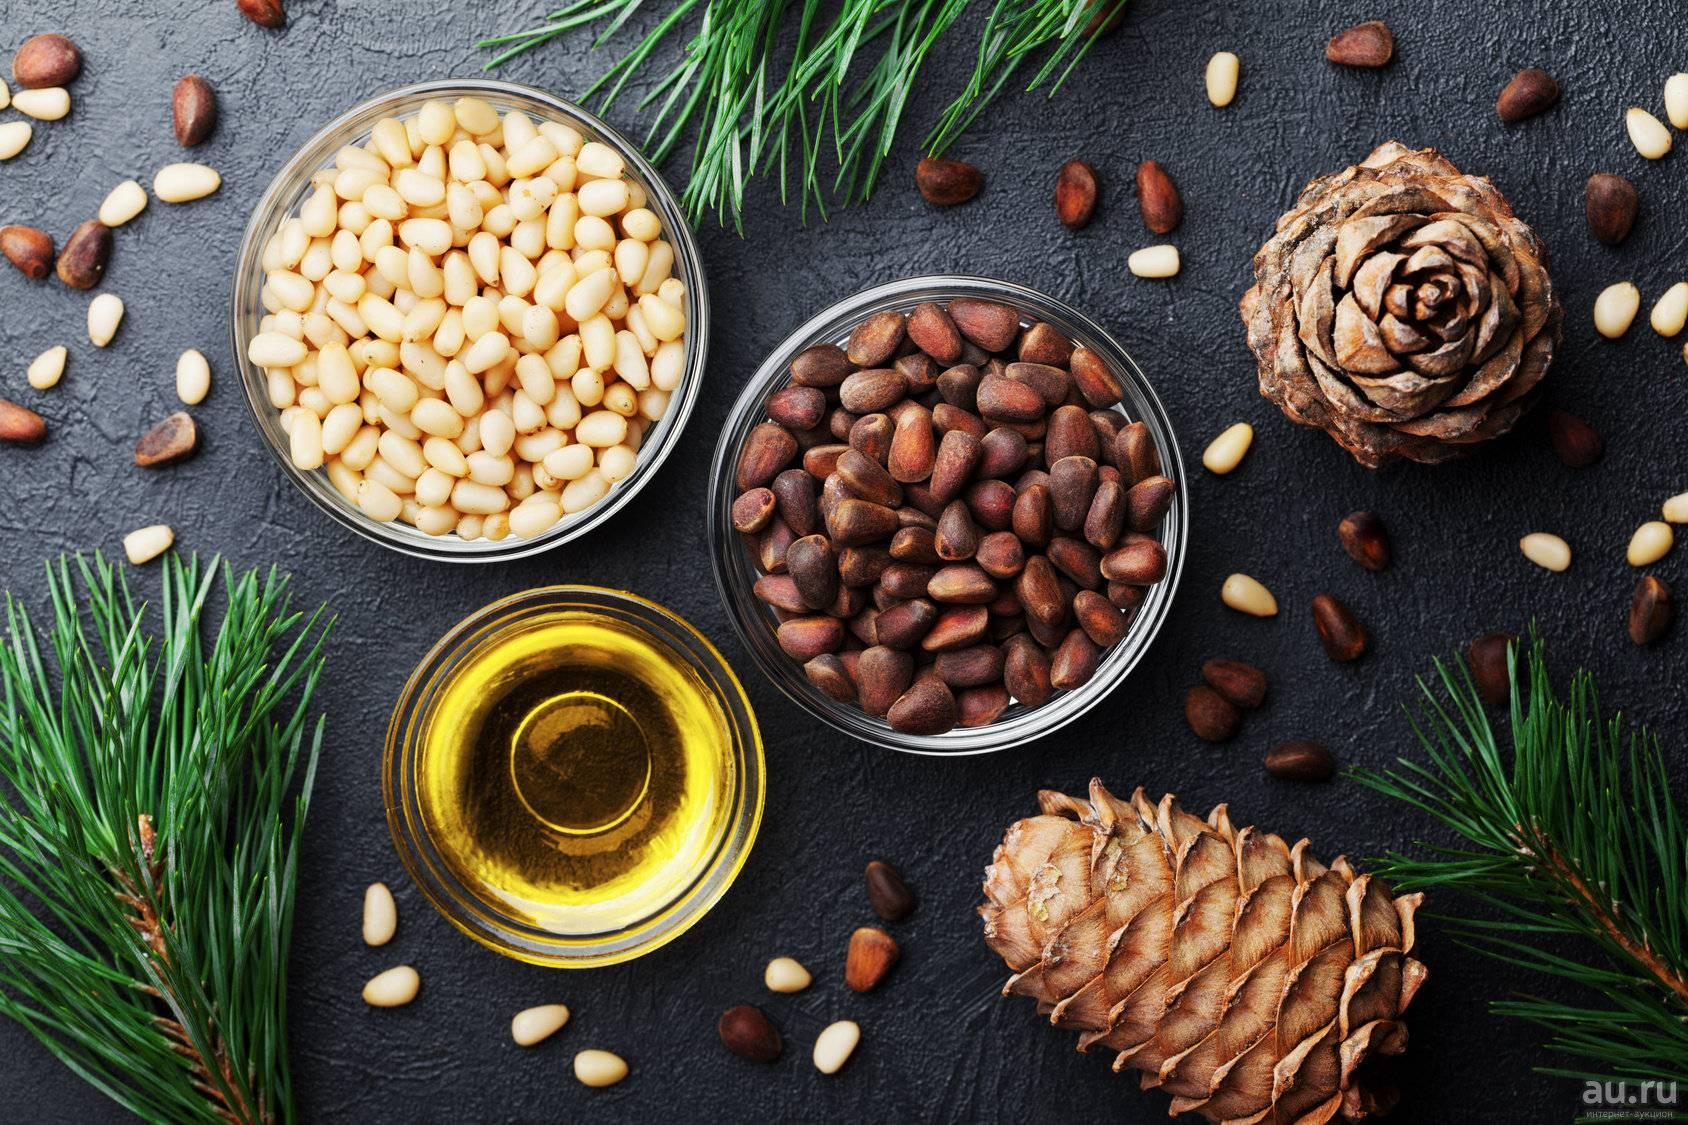 Скорлупа кедрового ореха: лечебные свойства, противопоказания и применение в народной медицине